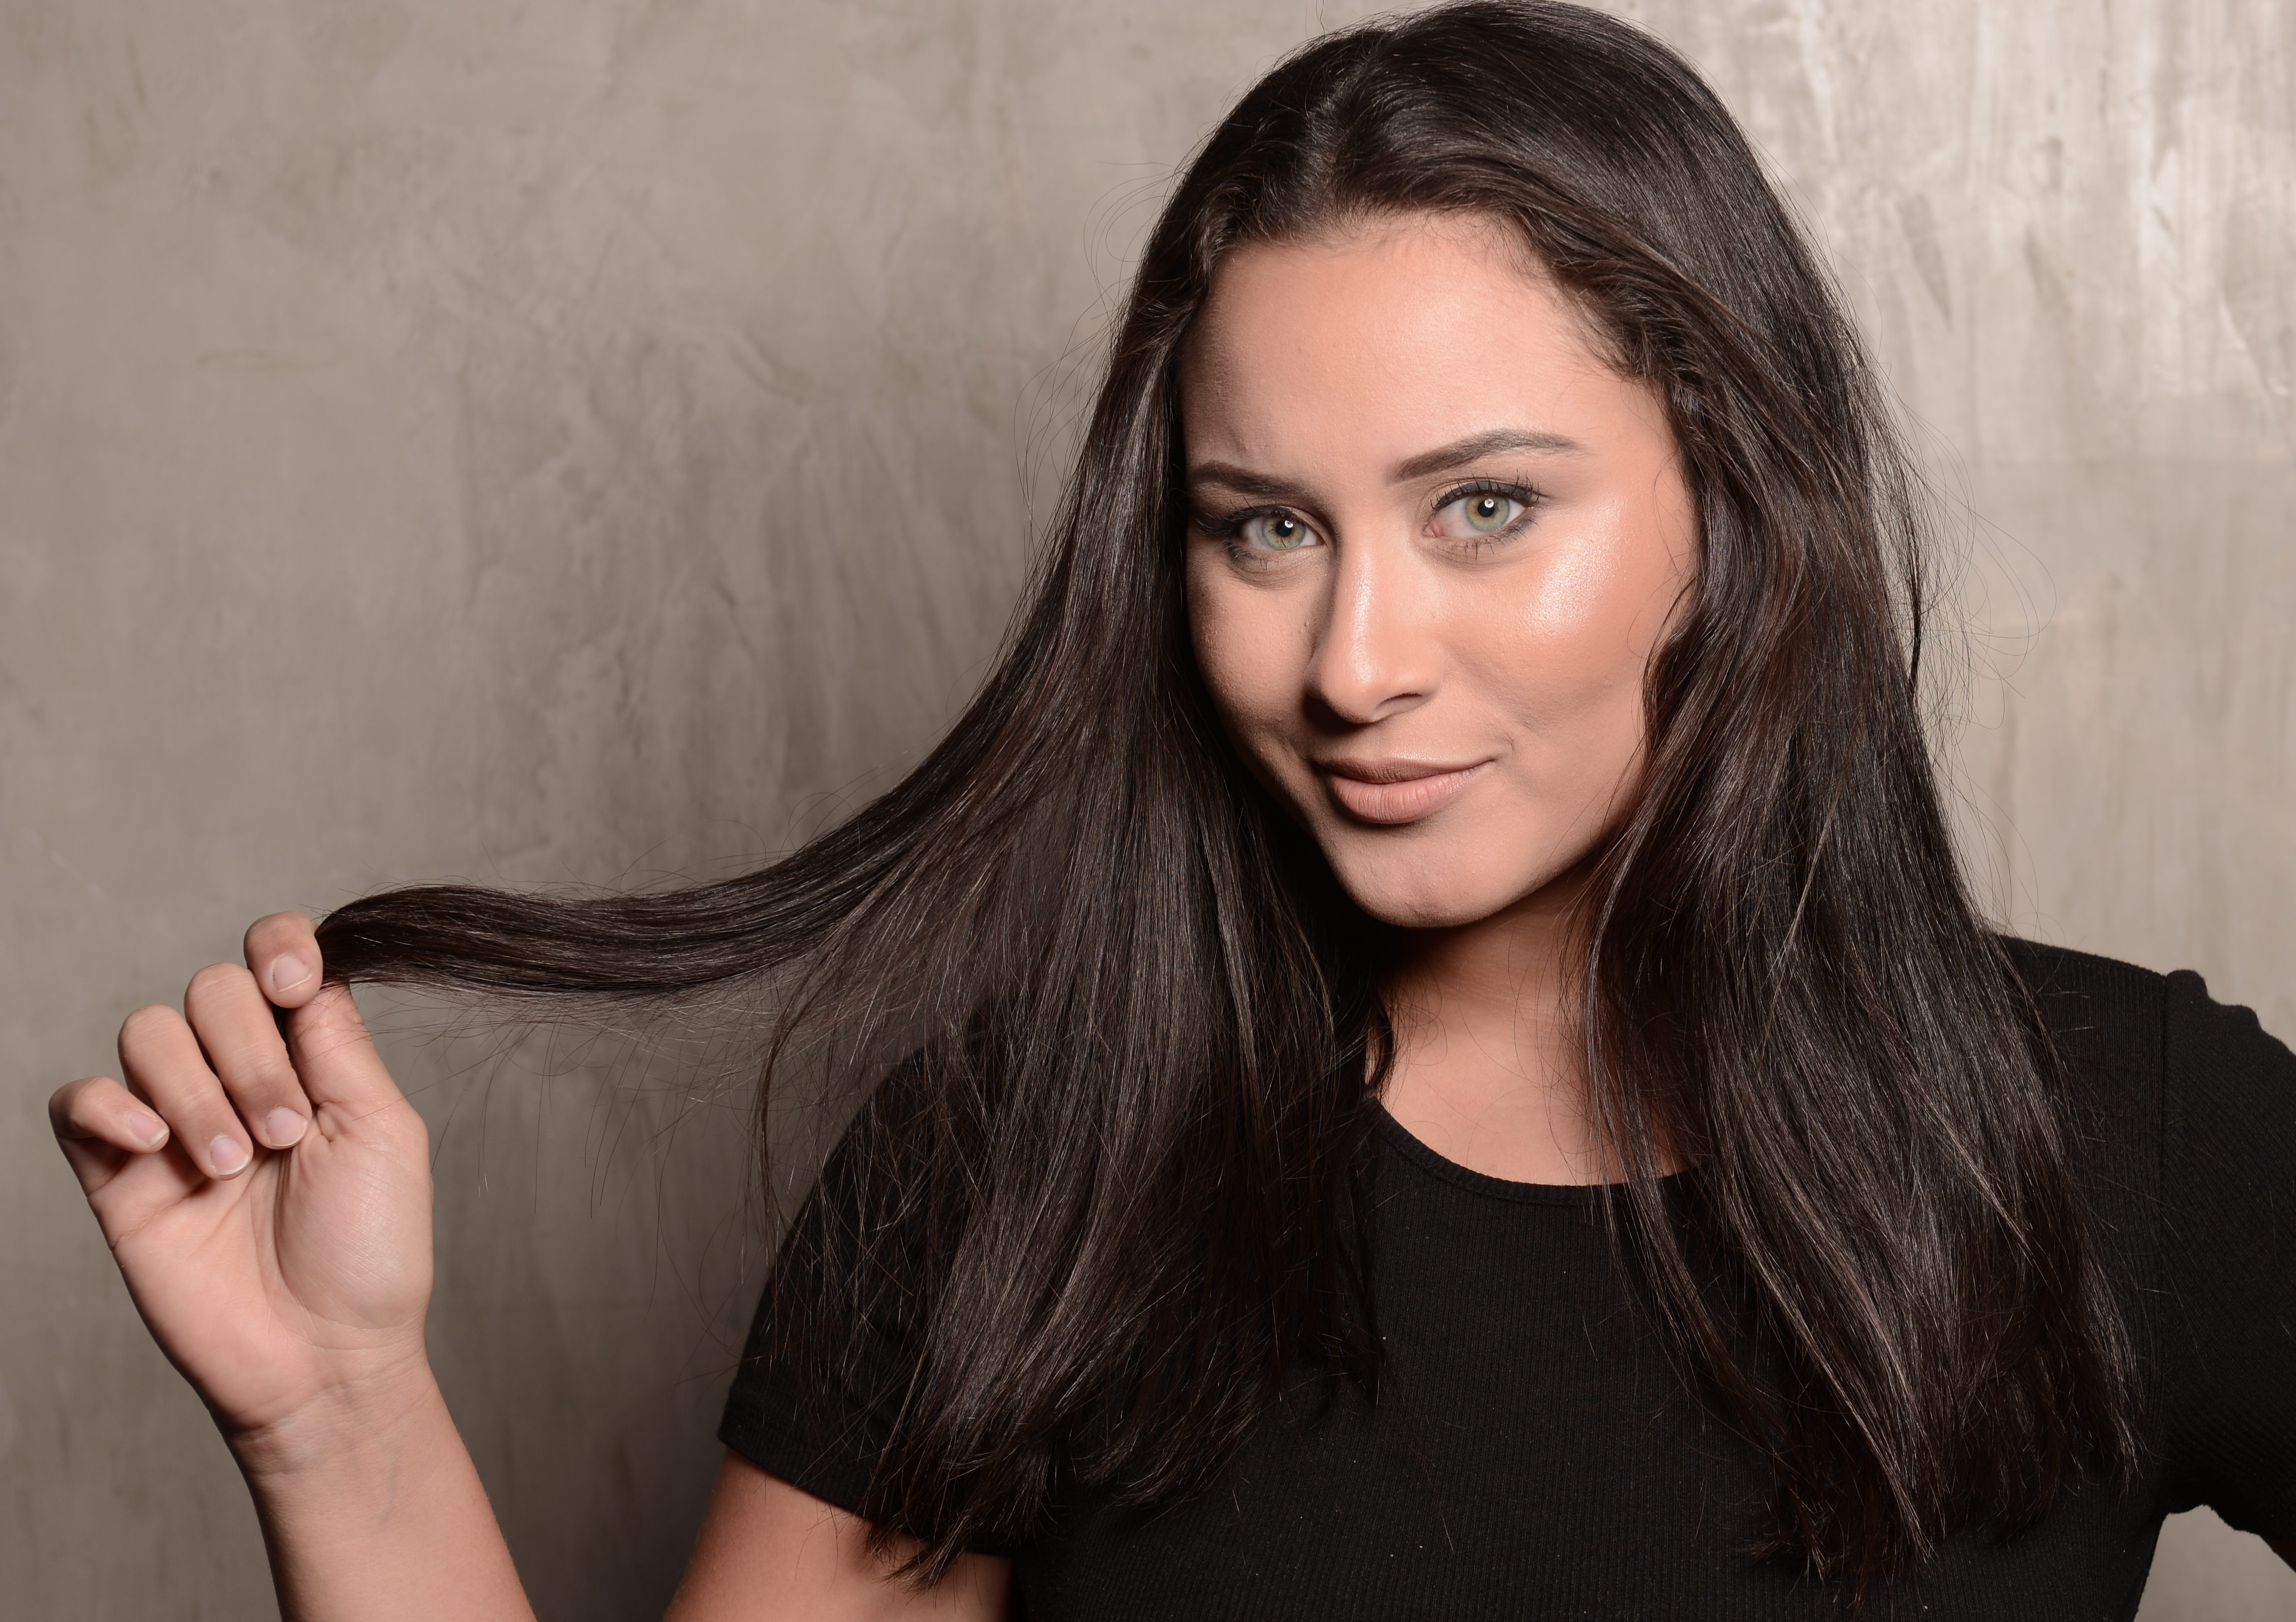 Crescimento do cabelo alisado: veja 5 dicas para os fios crescerem mais rápido